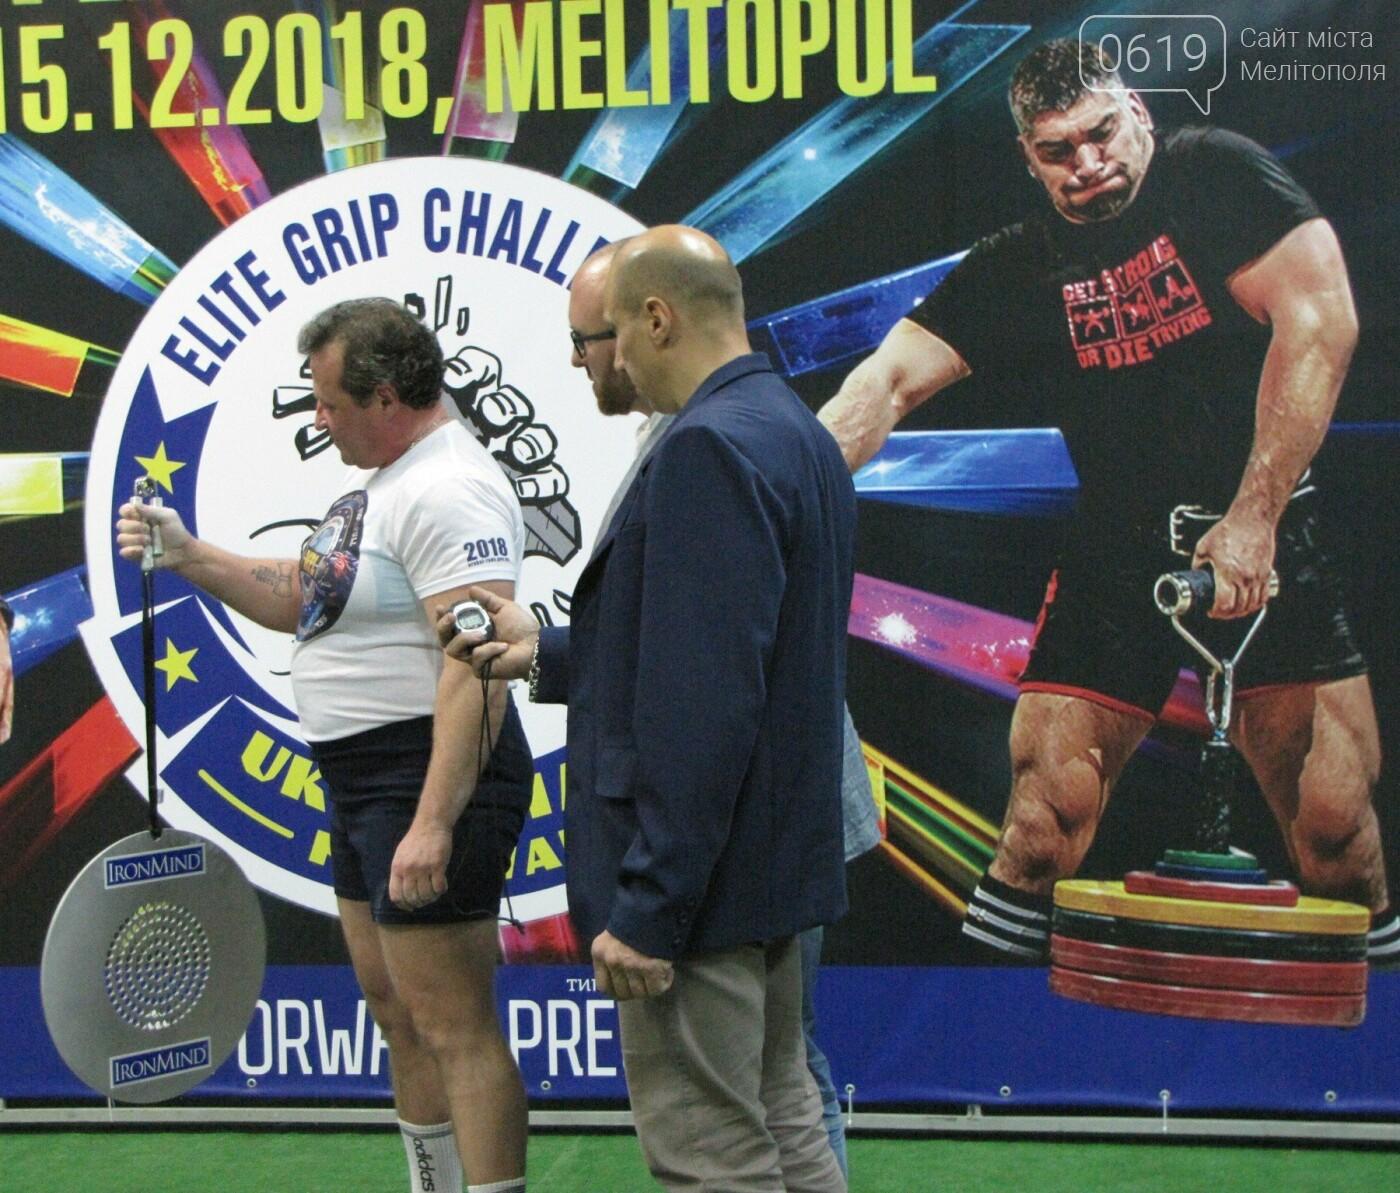 В Мелитополе сильнейшие атлеты соревновались в силе хвата, фото-1